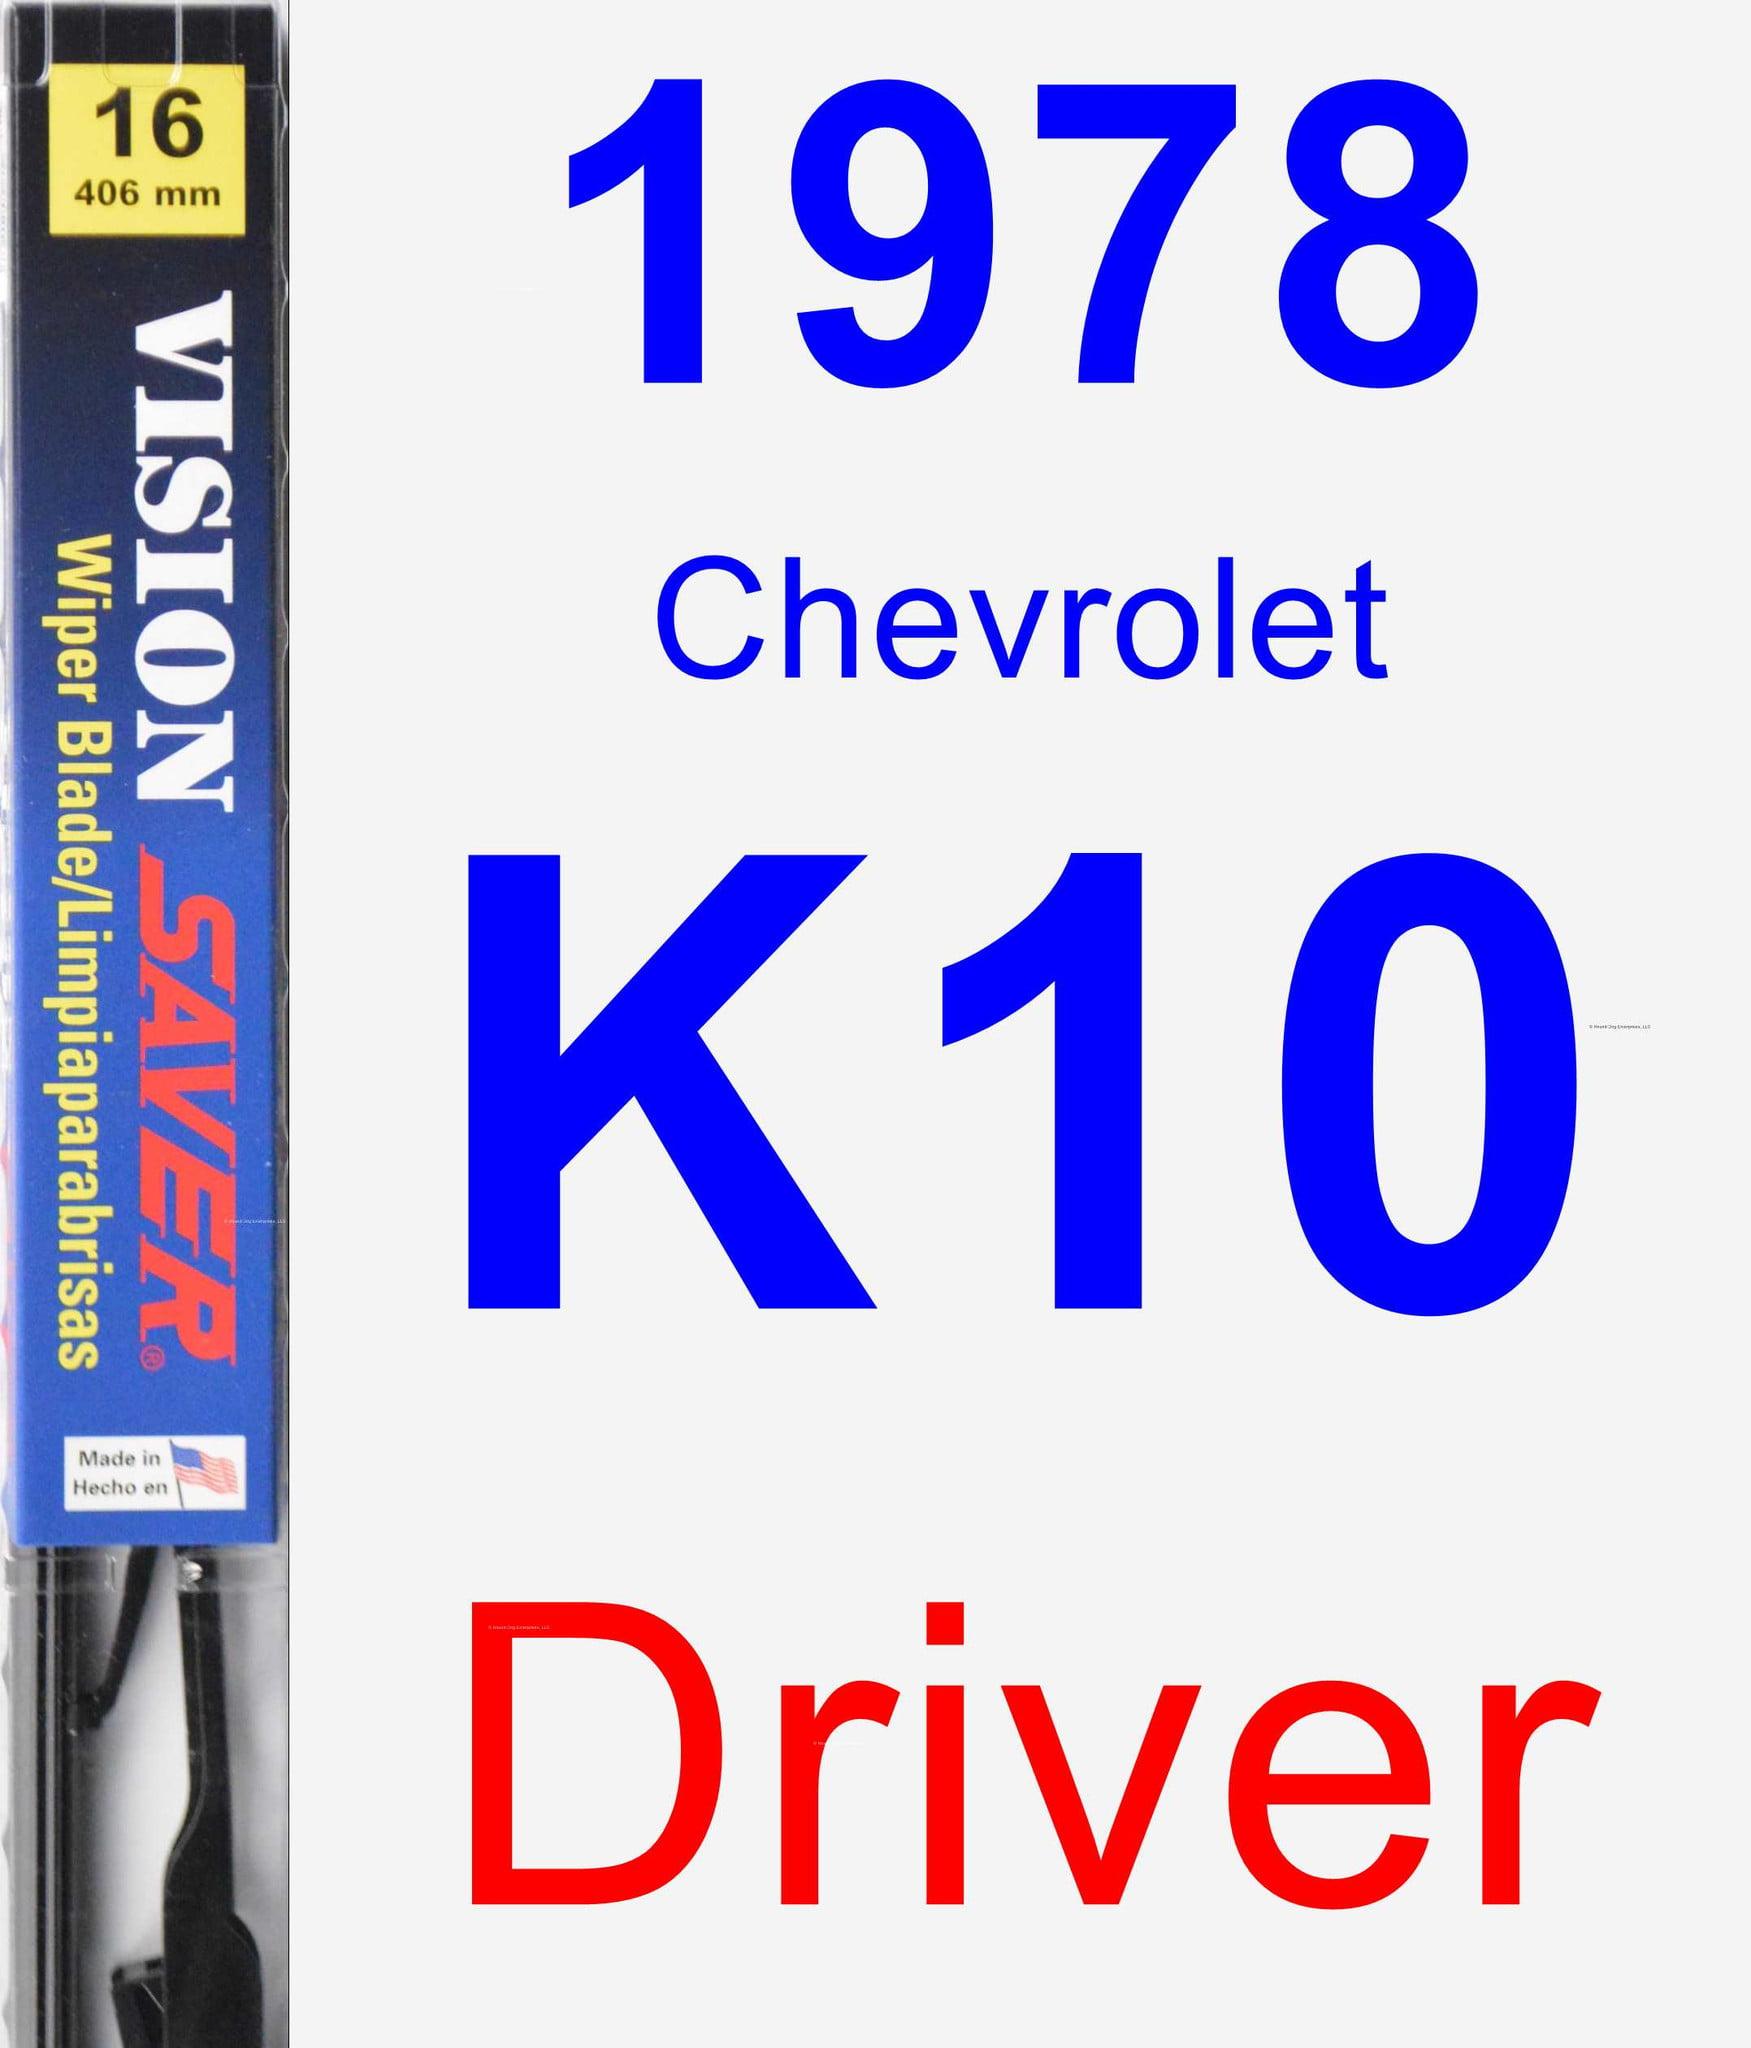 1978 chevrolet k10 driver wiper blade vision saver. Black Bedroom Furniture Sets. Home Design Ideas